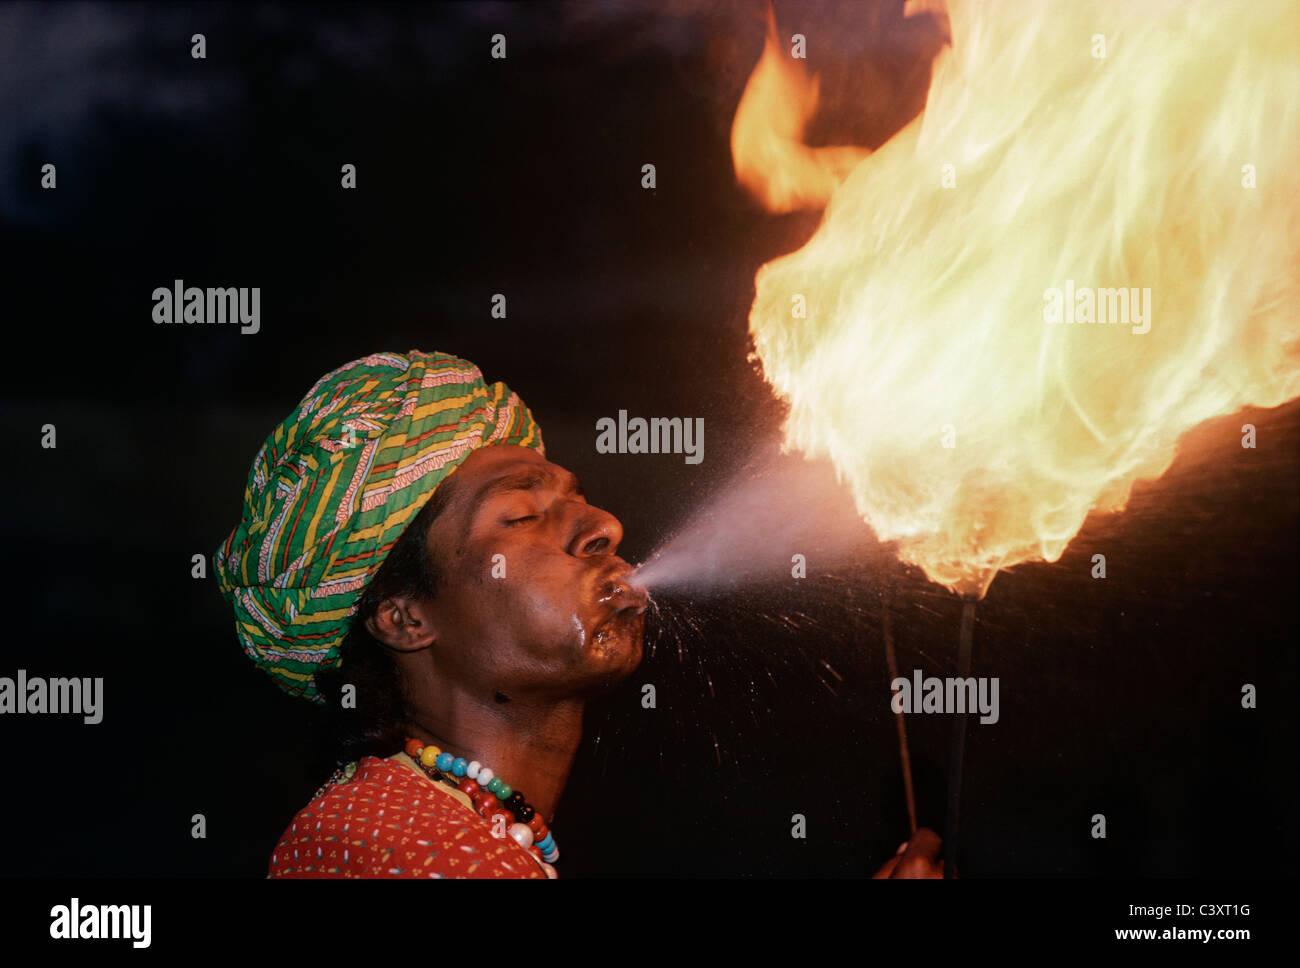 Mangeur de feu flammes souffle Indien au cours d'une performance de rue. New Delhi, Inde Photo Stock